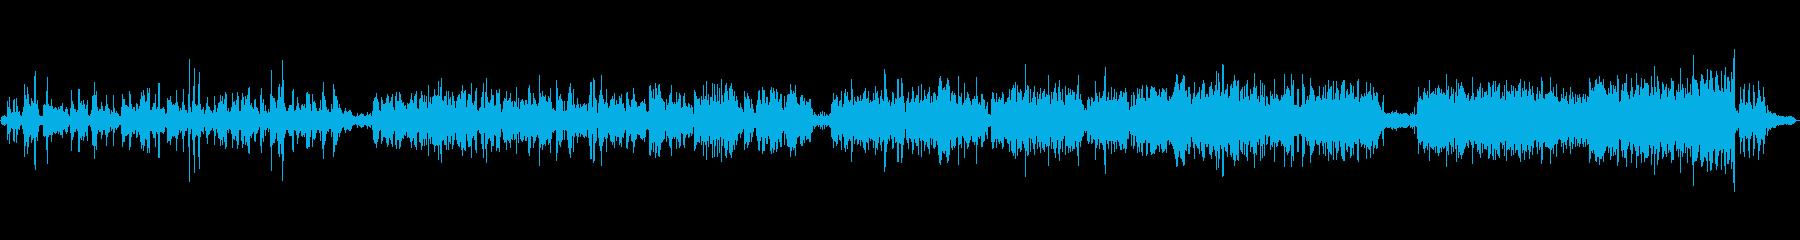 民族楽器平和のイメージの再生済みの波形